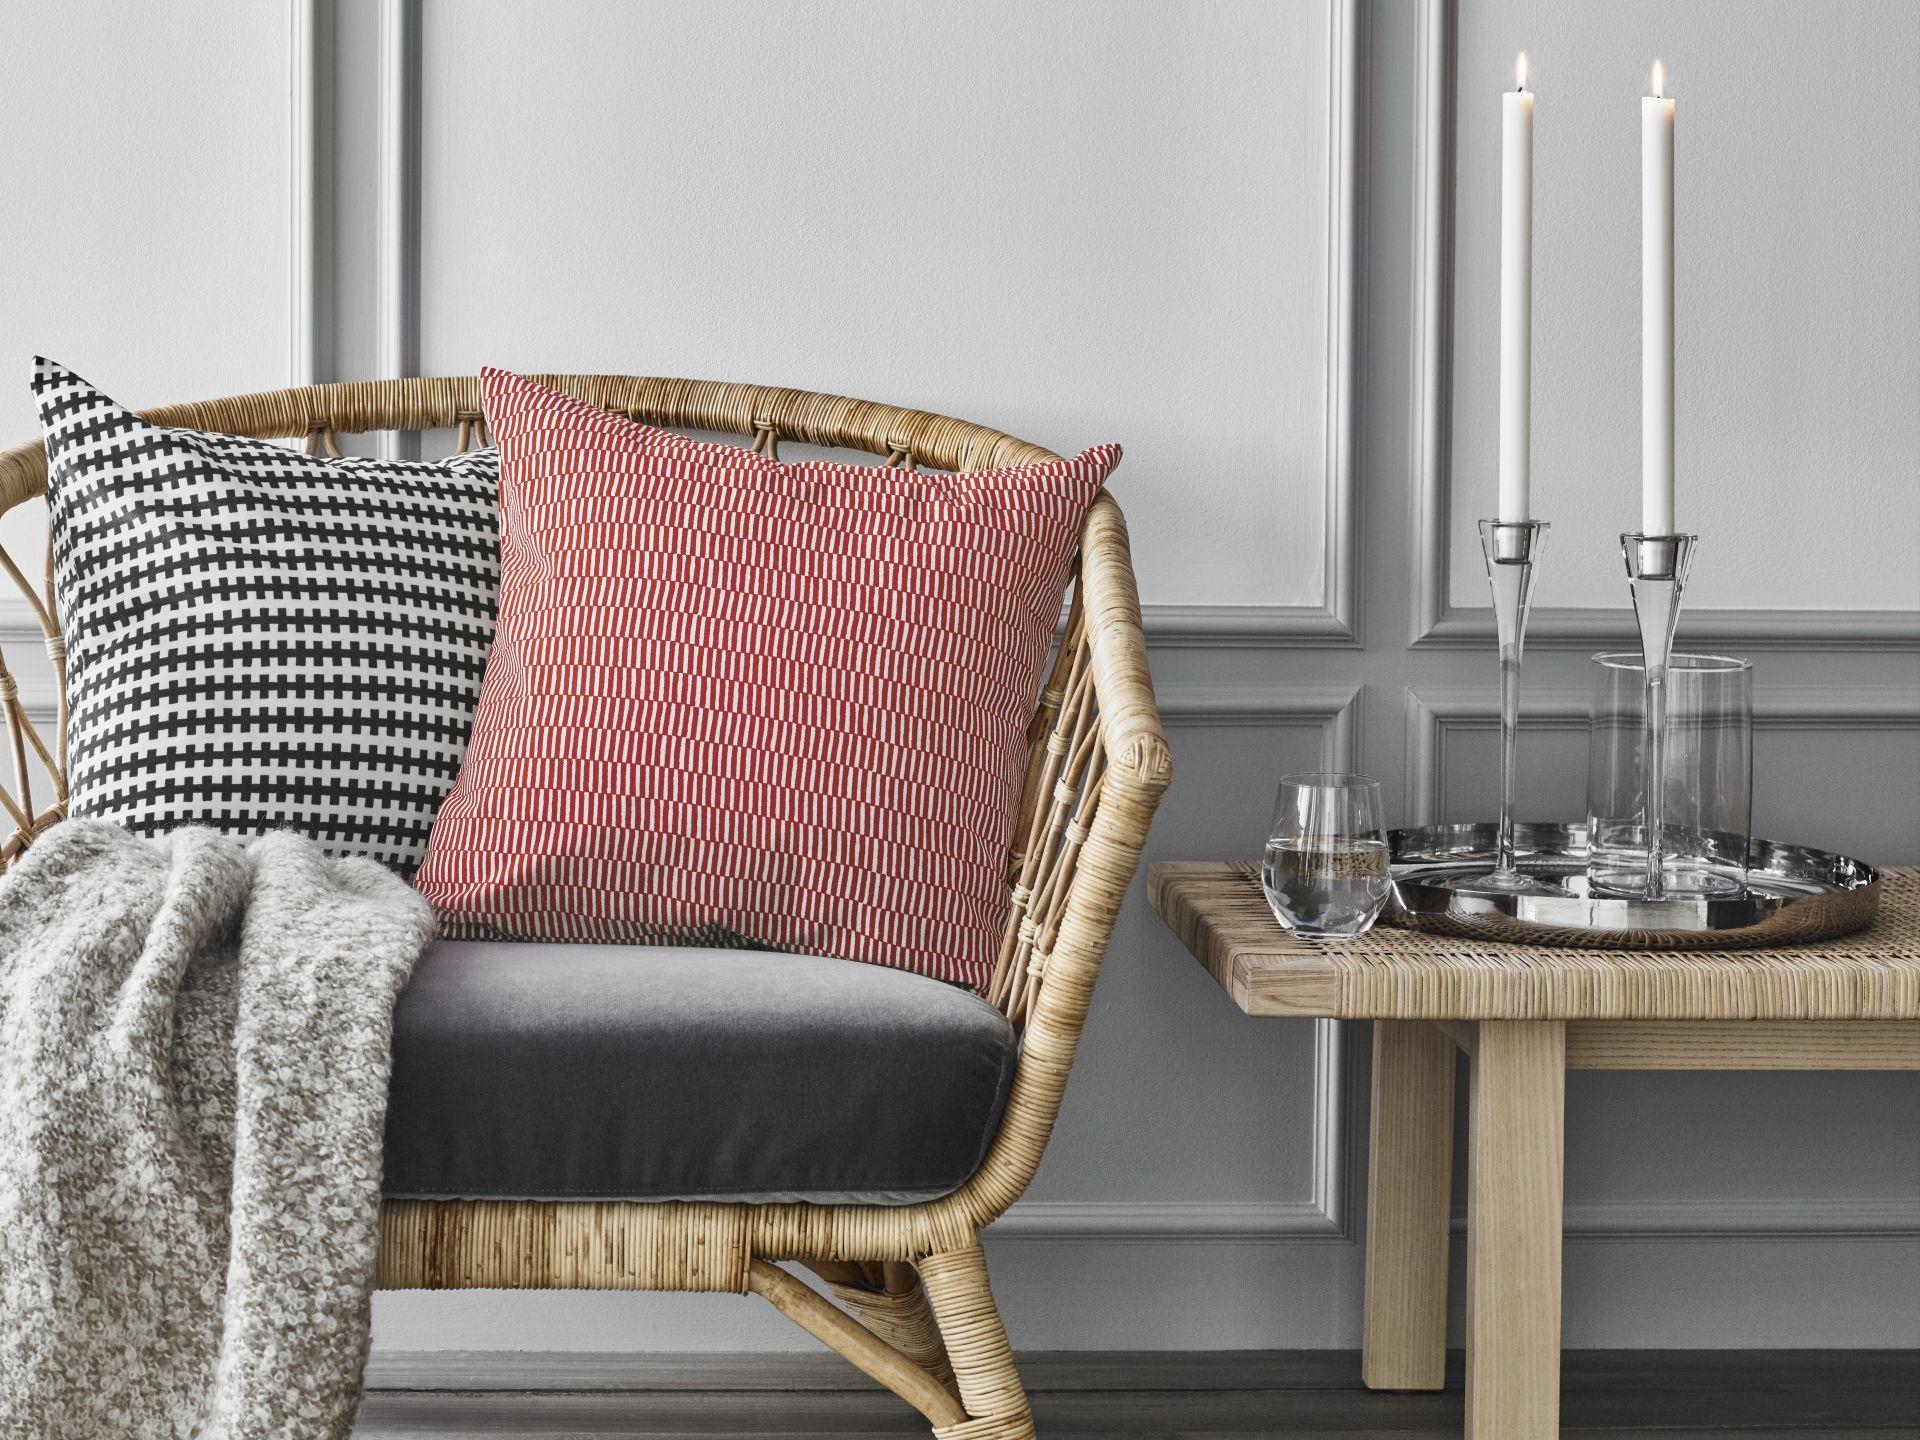 stockholm 2017 fauteuil ikea ikeanl ikeanederland inspiratie wooninspiratie interieur woonkamer kamer rotan kwaliteit duurzaam natuurlijk kussen decoratie - Fauteuil Design Ikea